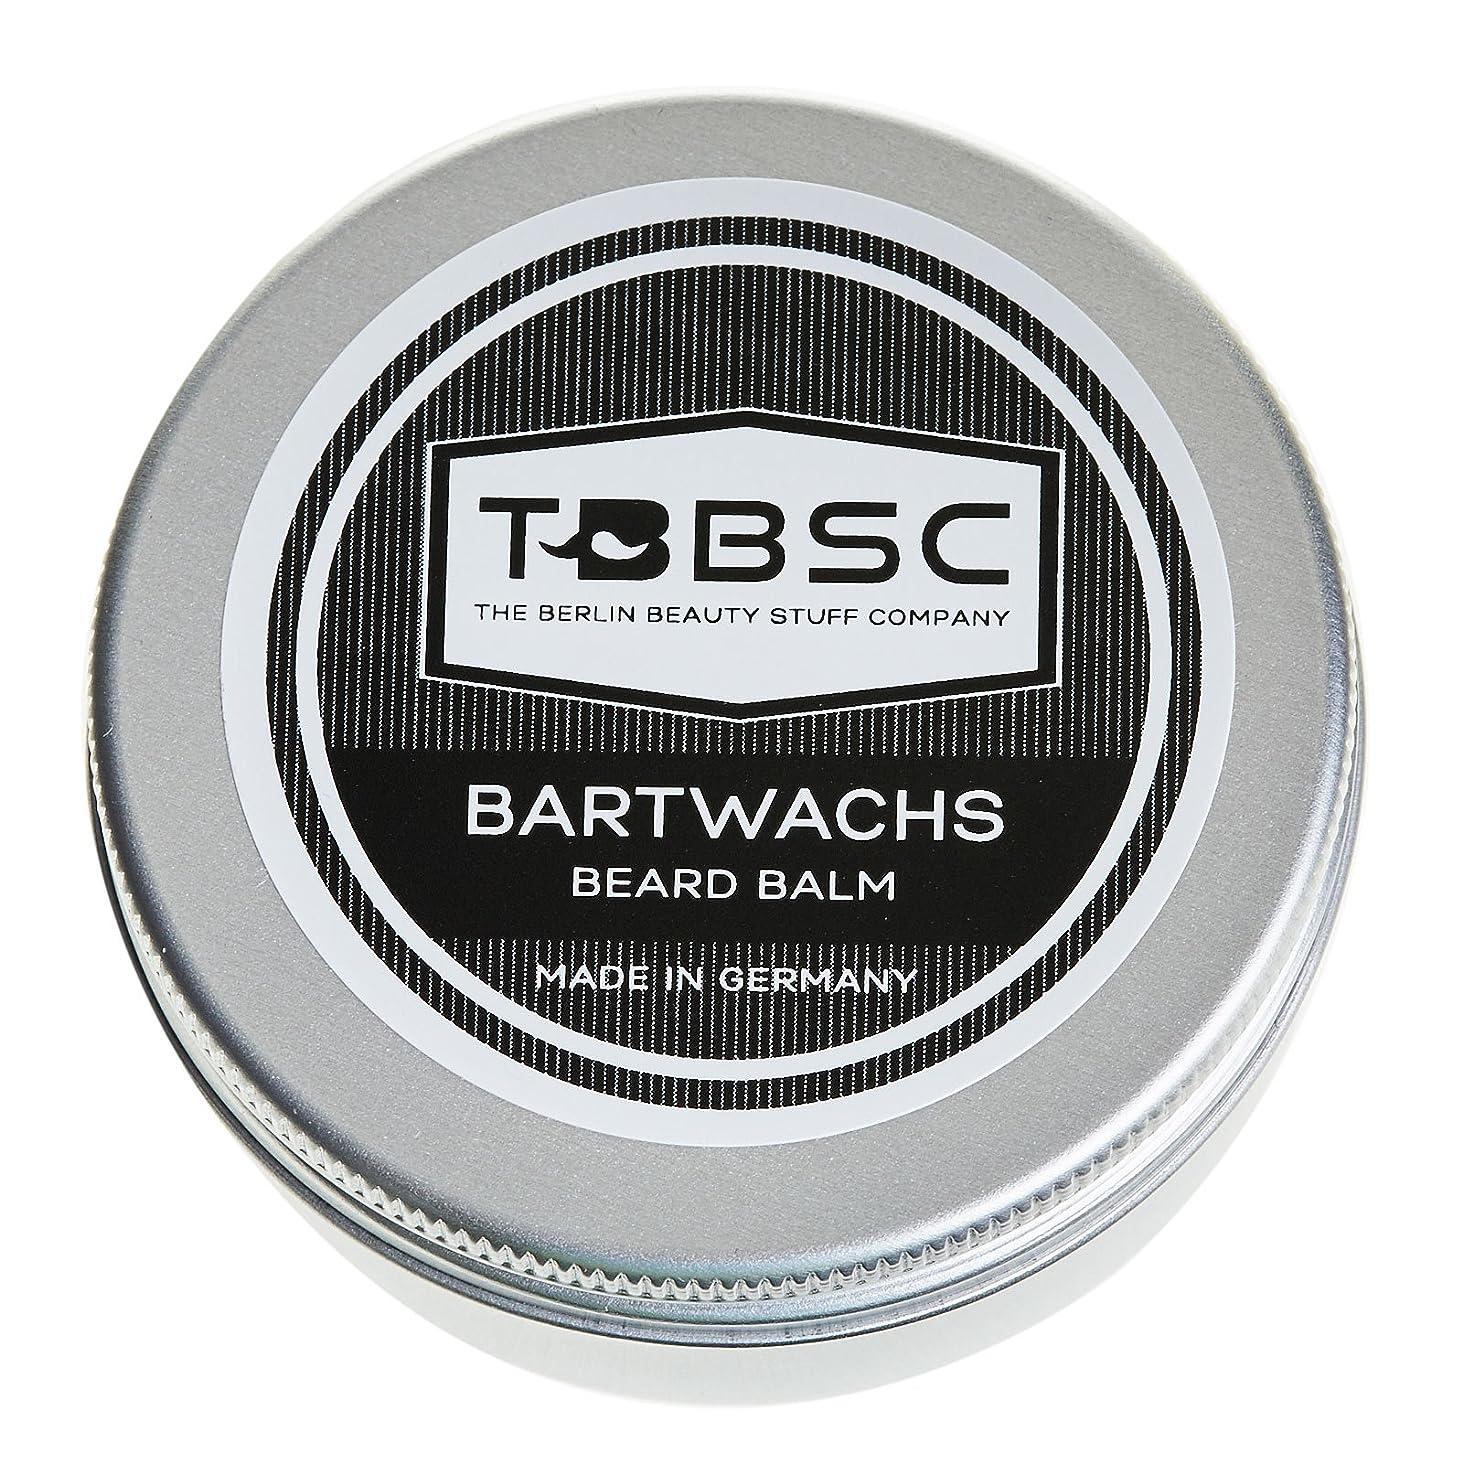 症候群ネックレス選ぶTBBSCビアードワックス60gドイツ製ケア+スタイリングのためのひげバーム